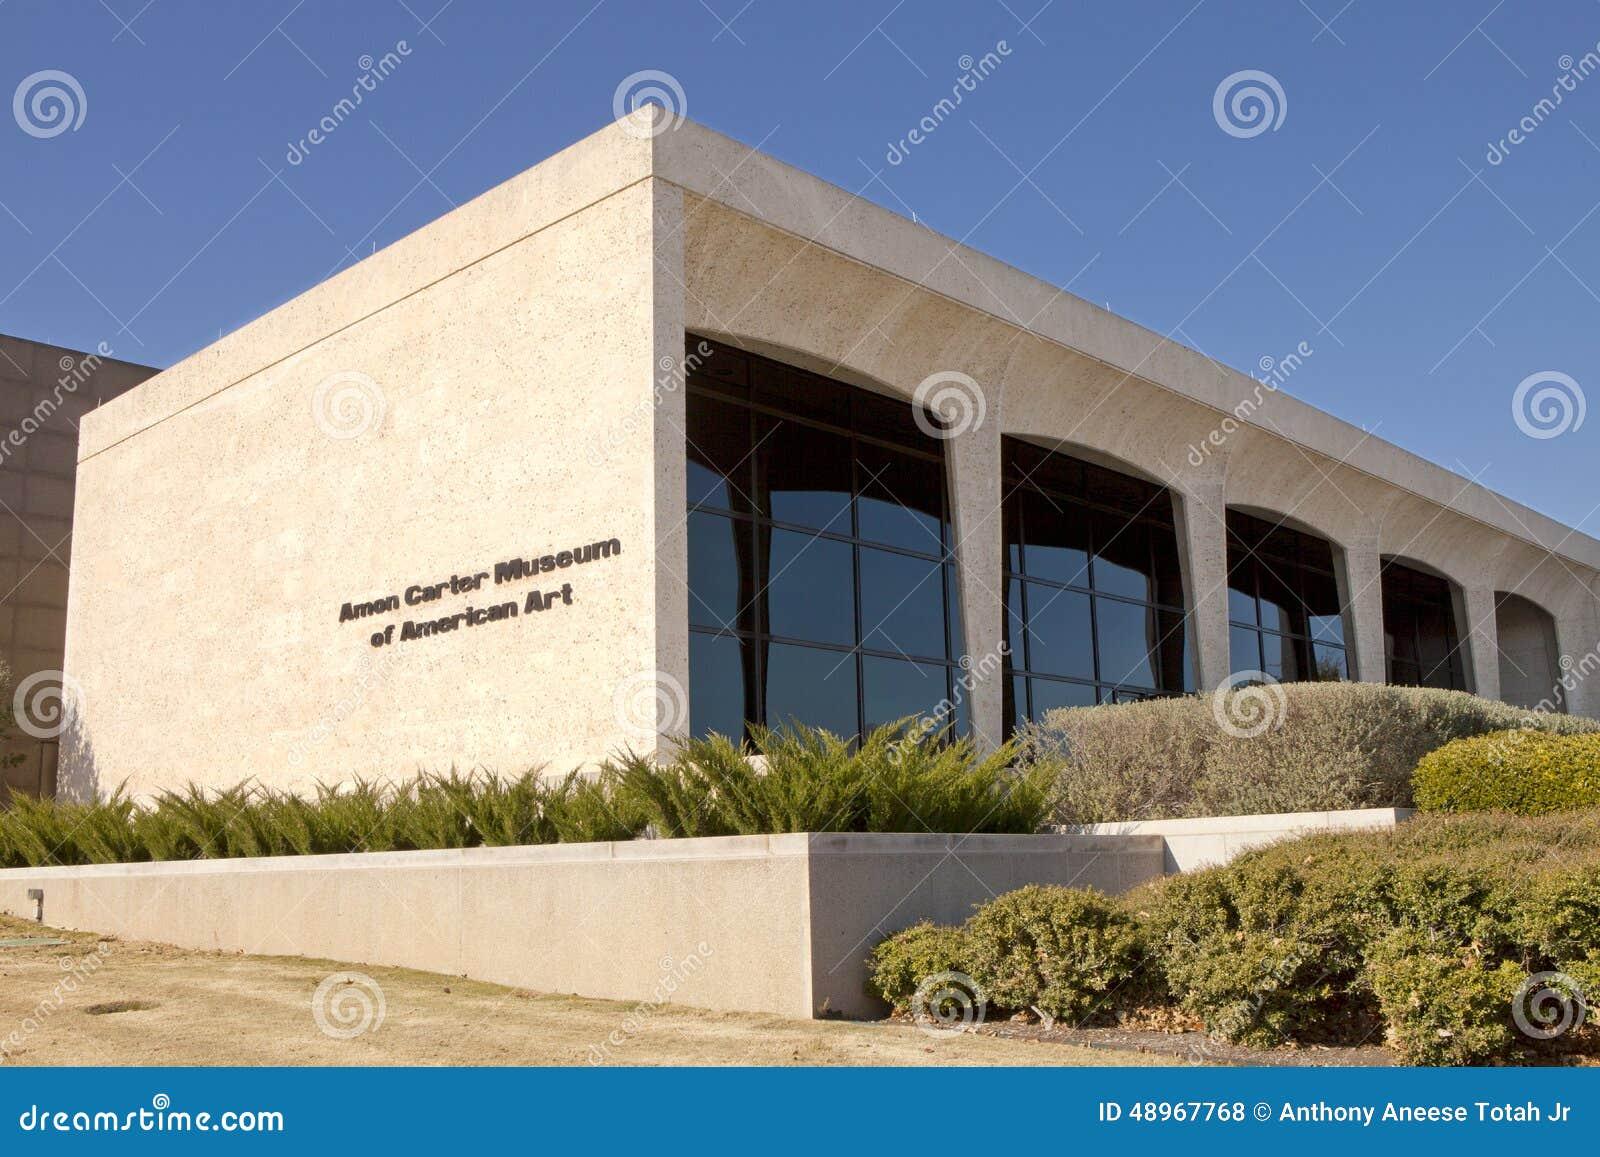 Amon Carter Museum di arte americana